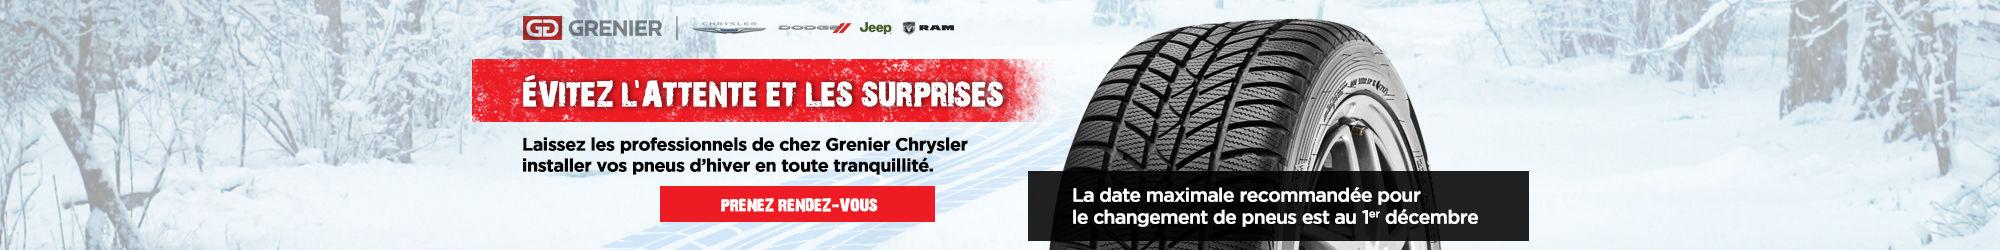 Changement de pneus avant le 1er décembre